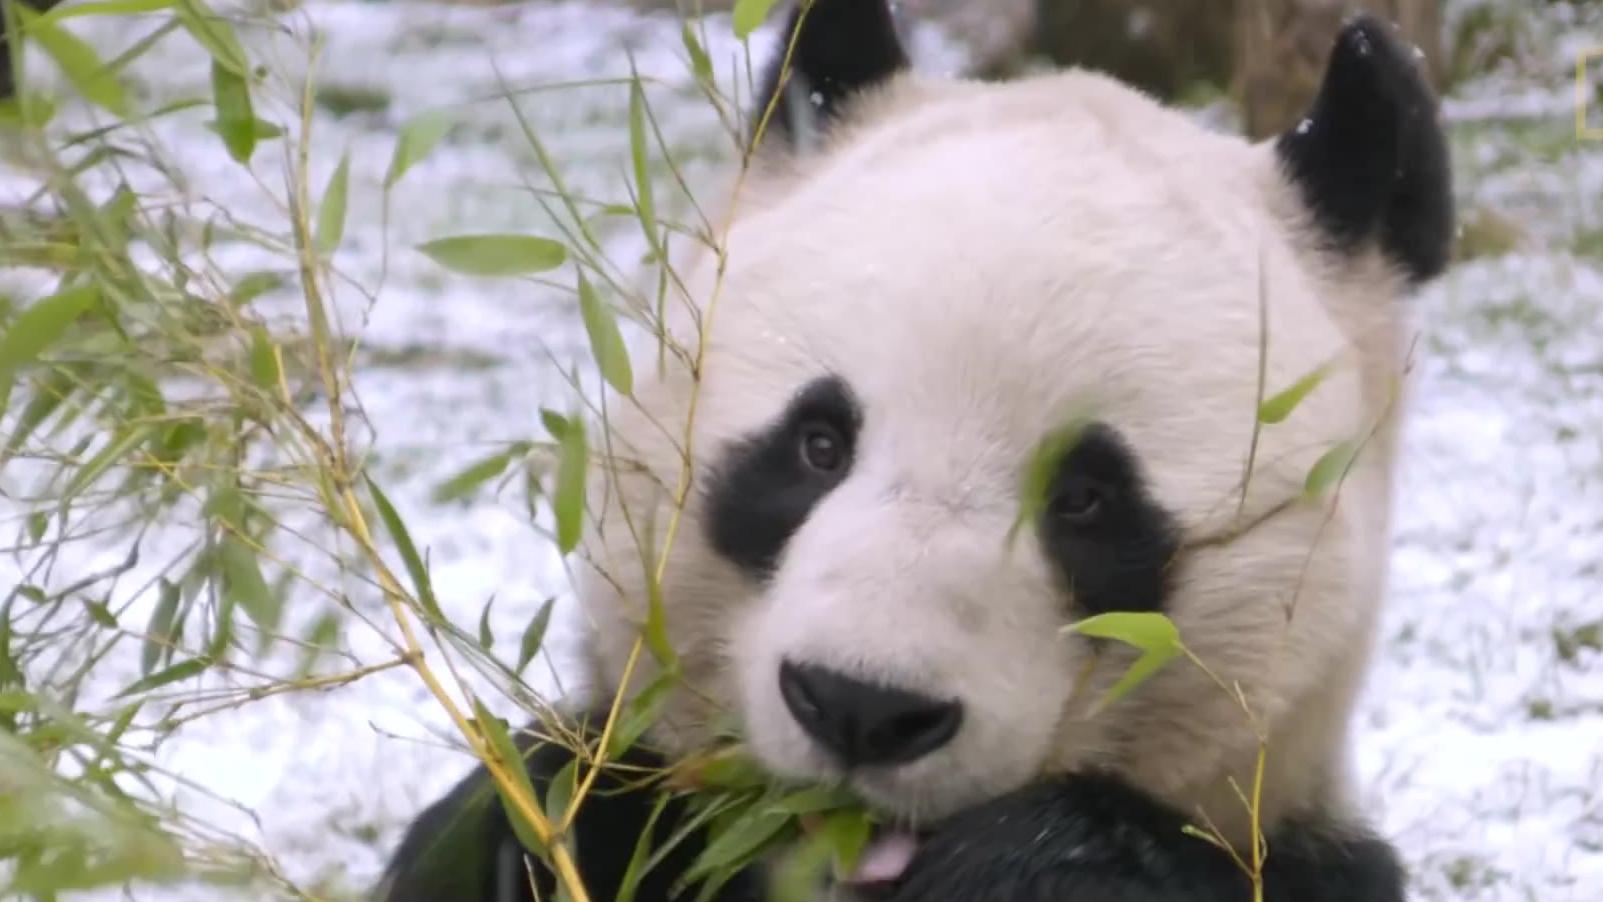 【透视眼】什么?熊猫每天要100次便便?明明是食肉动物,为什么熊猫要吃竹子呢?